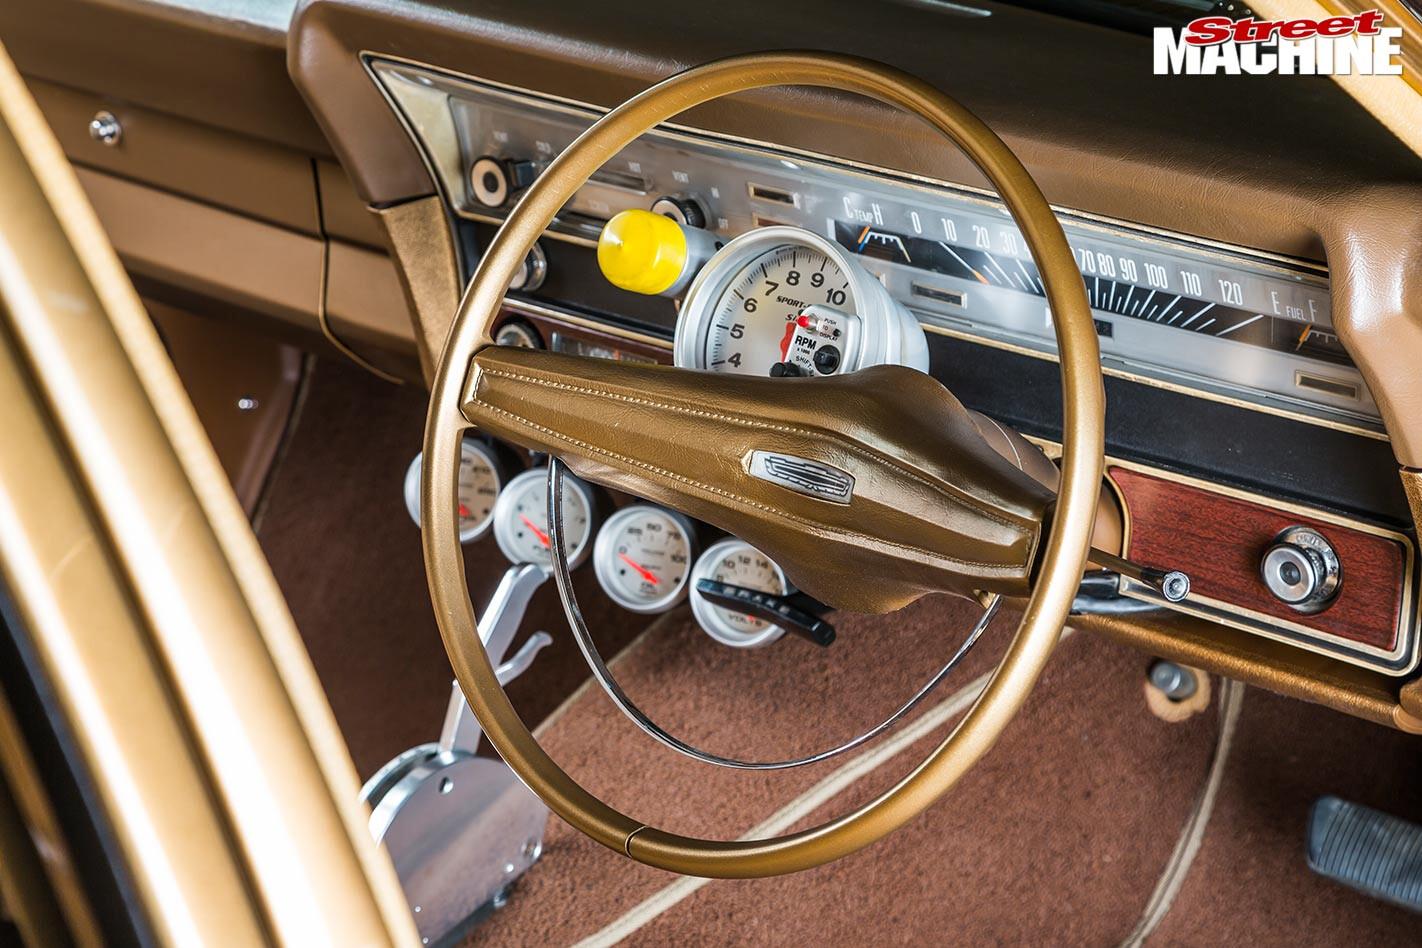 Ford ZC Fairlane dash